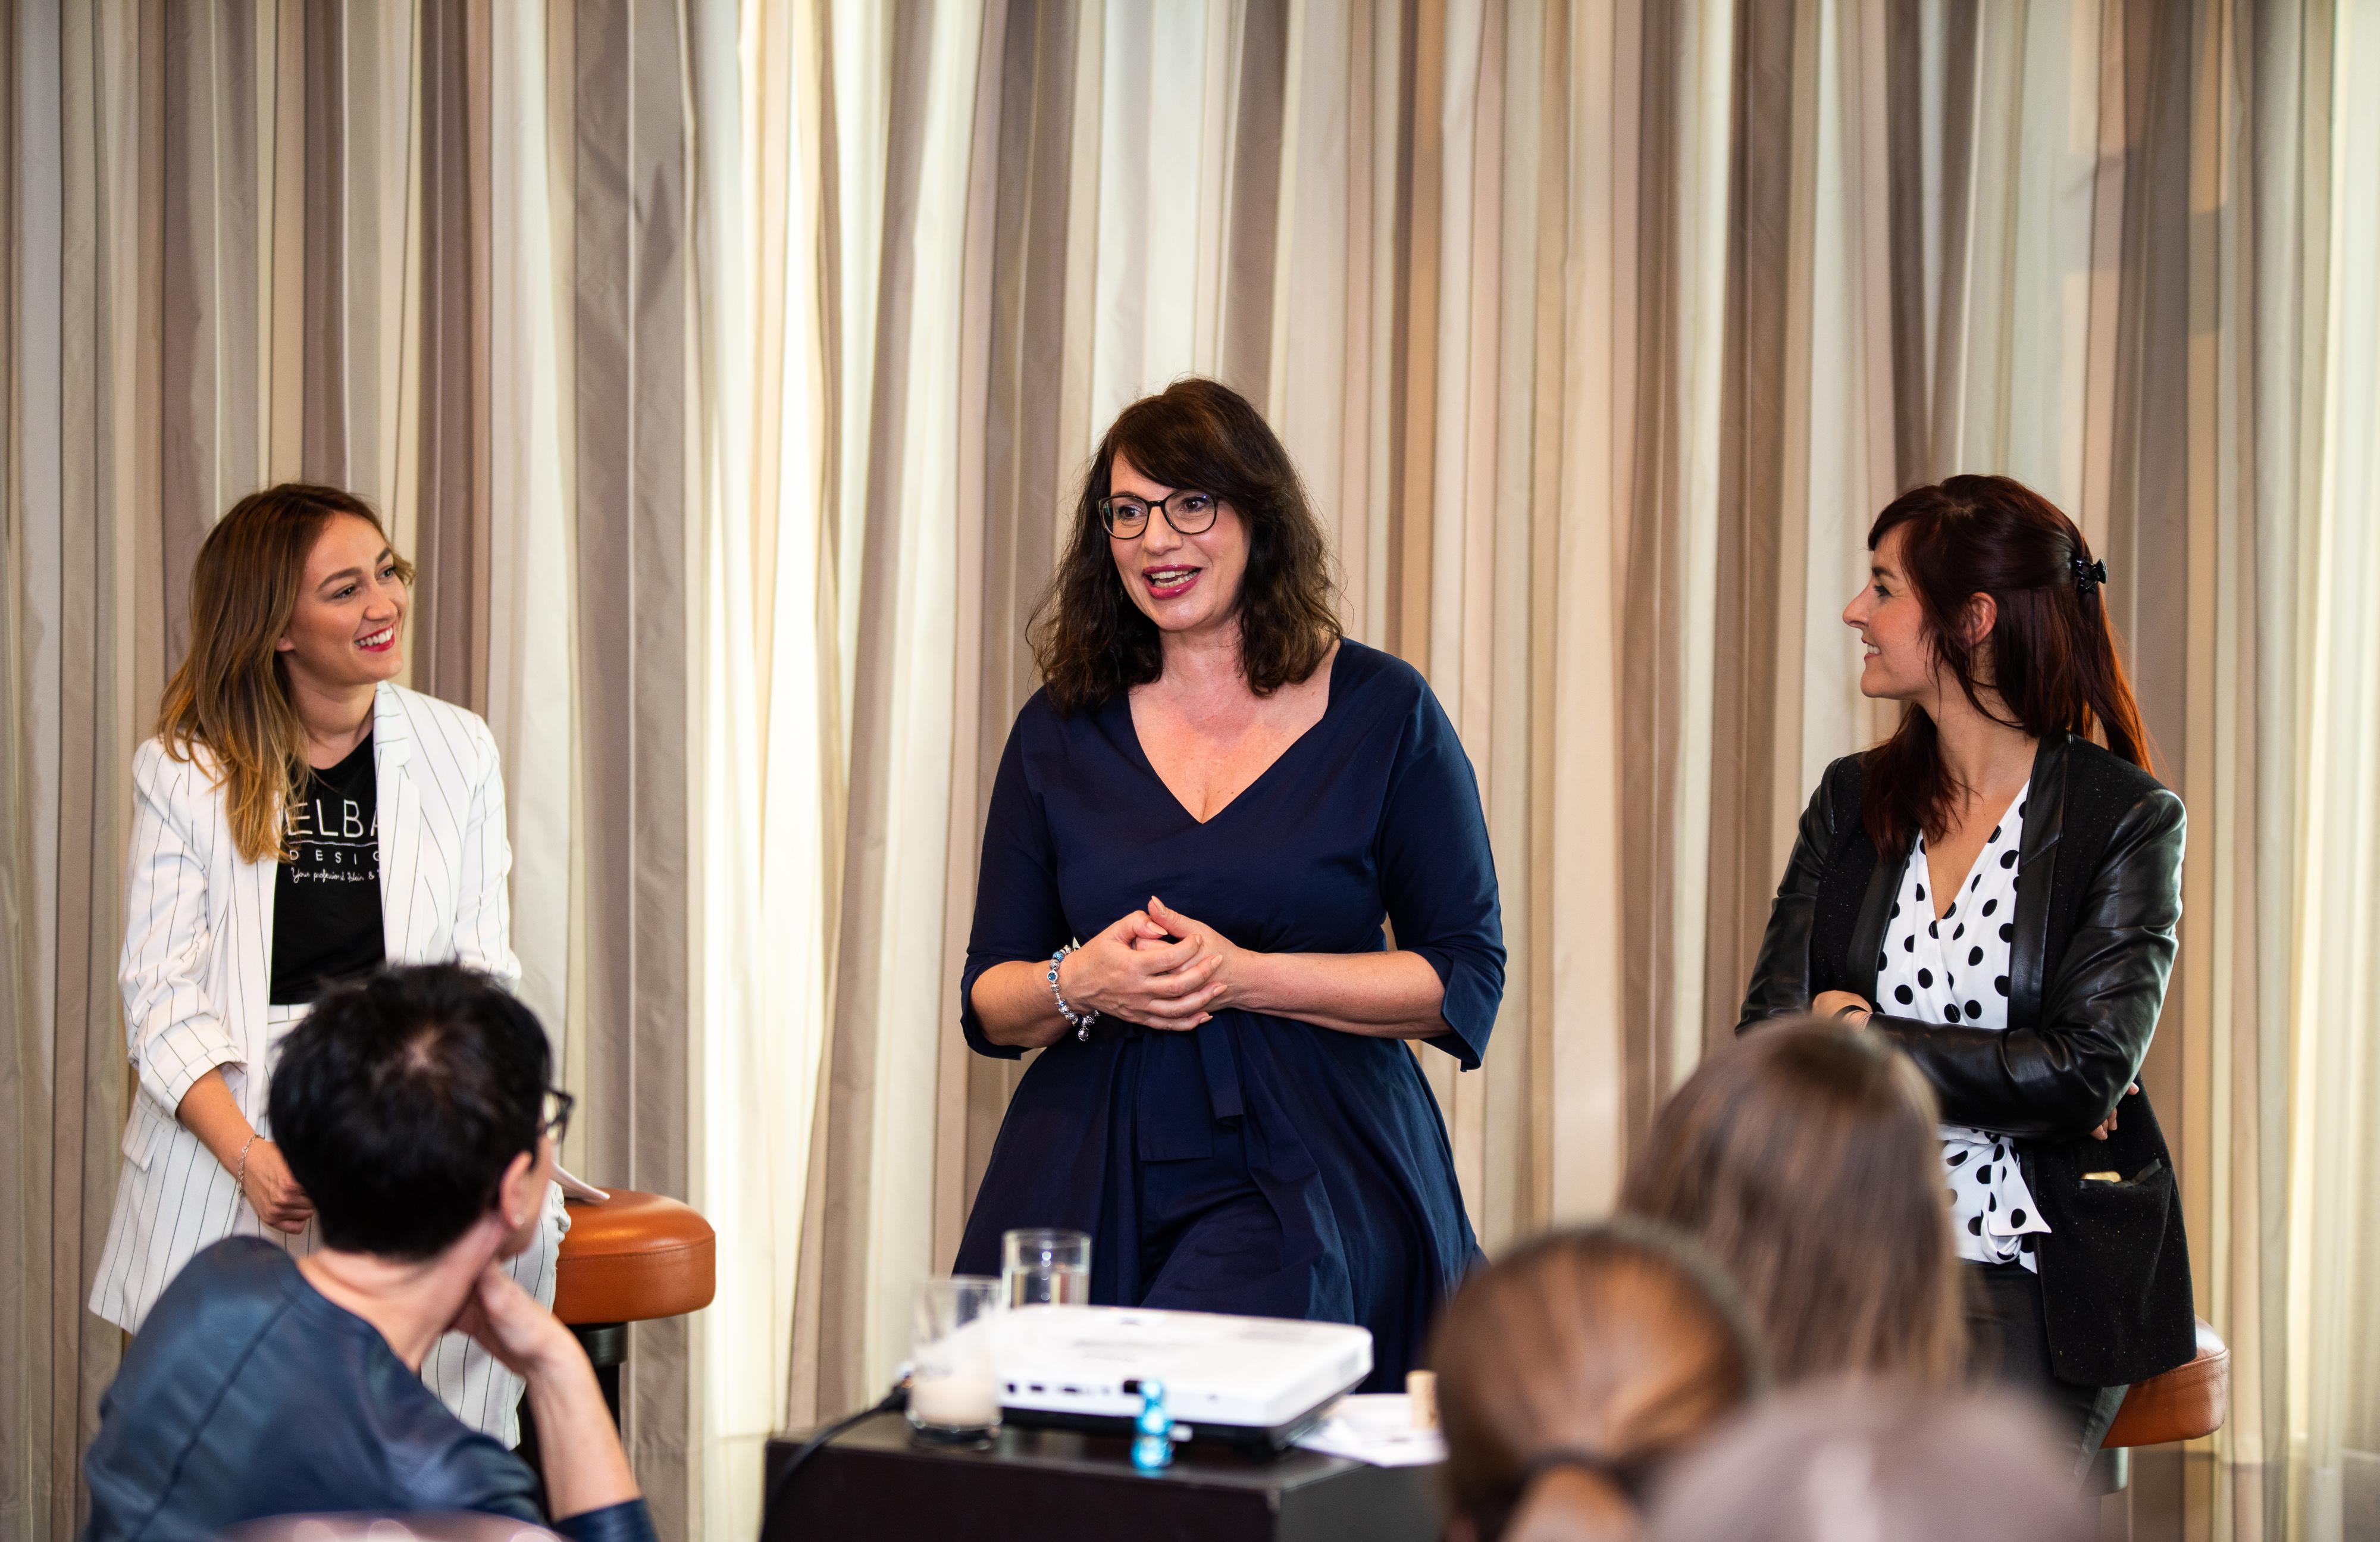 Networking Deluxe by Mediadeluxe! Die Fashiondeluxxe Style Party - Edition: Business bot den Business Women in München eine stilvolle Plattform für's Netzwerken - Moderation der Podiumsdiskussion